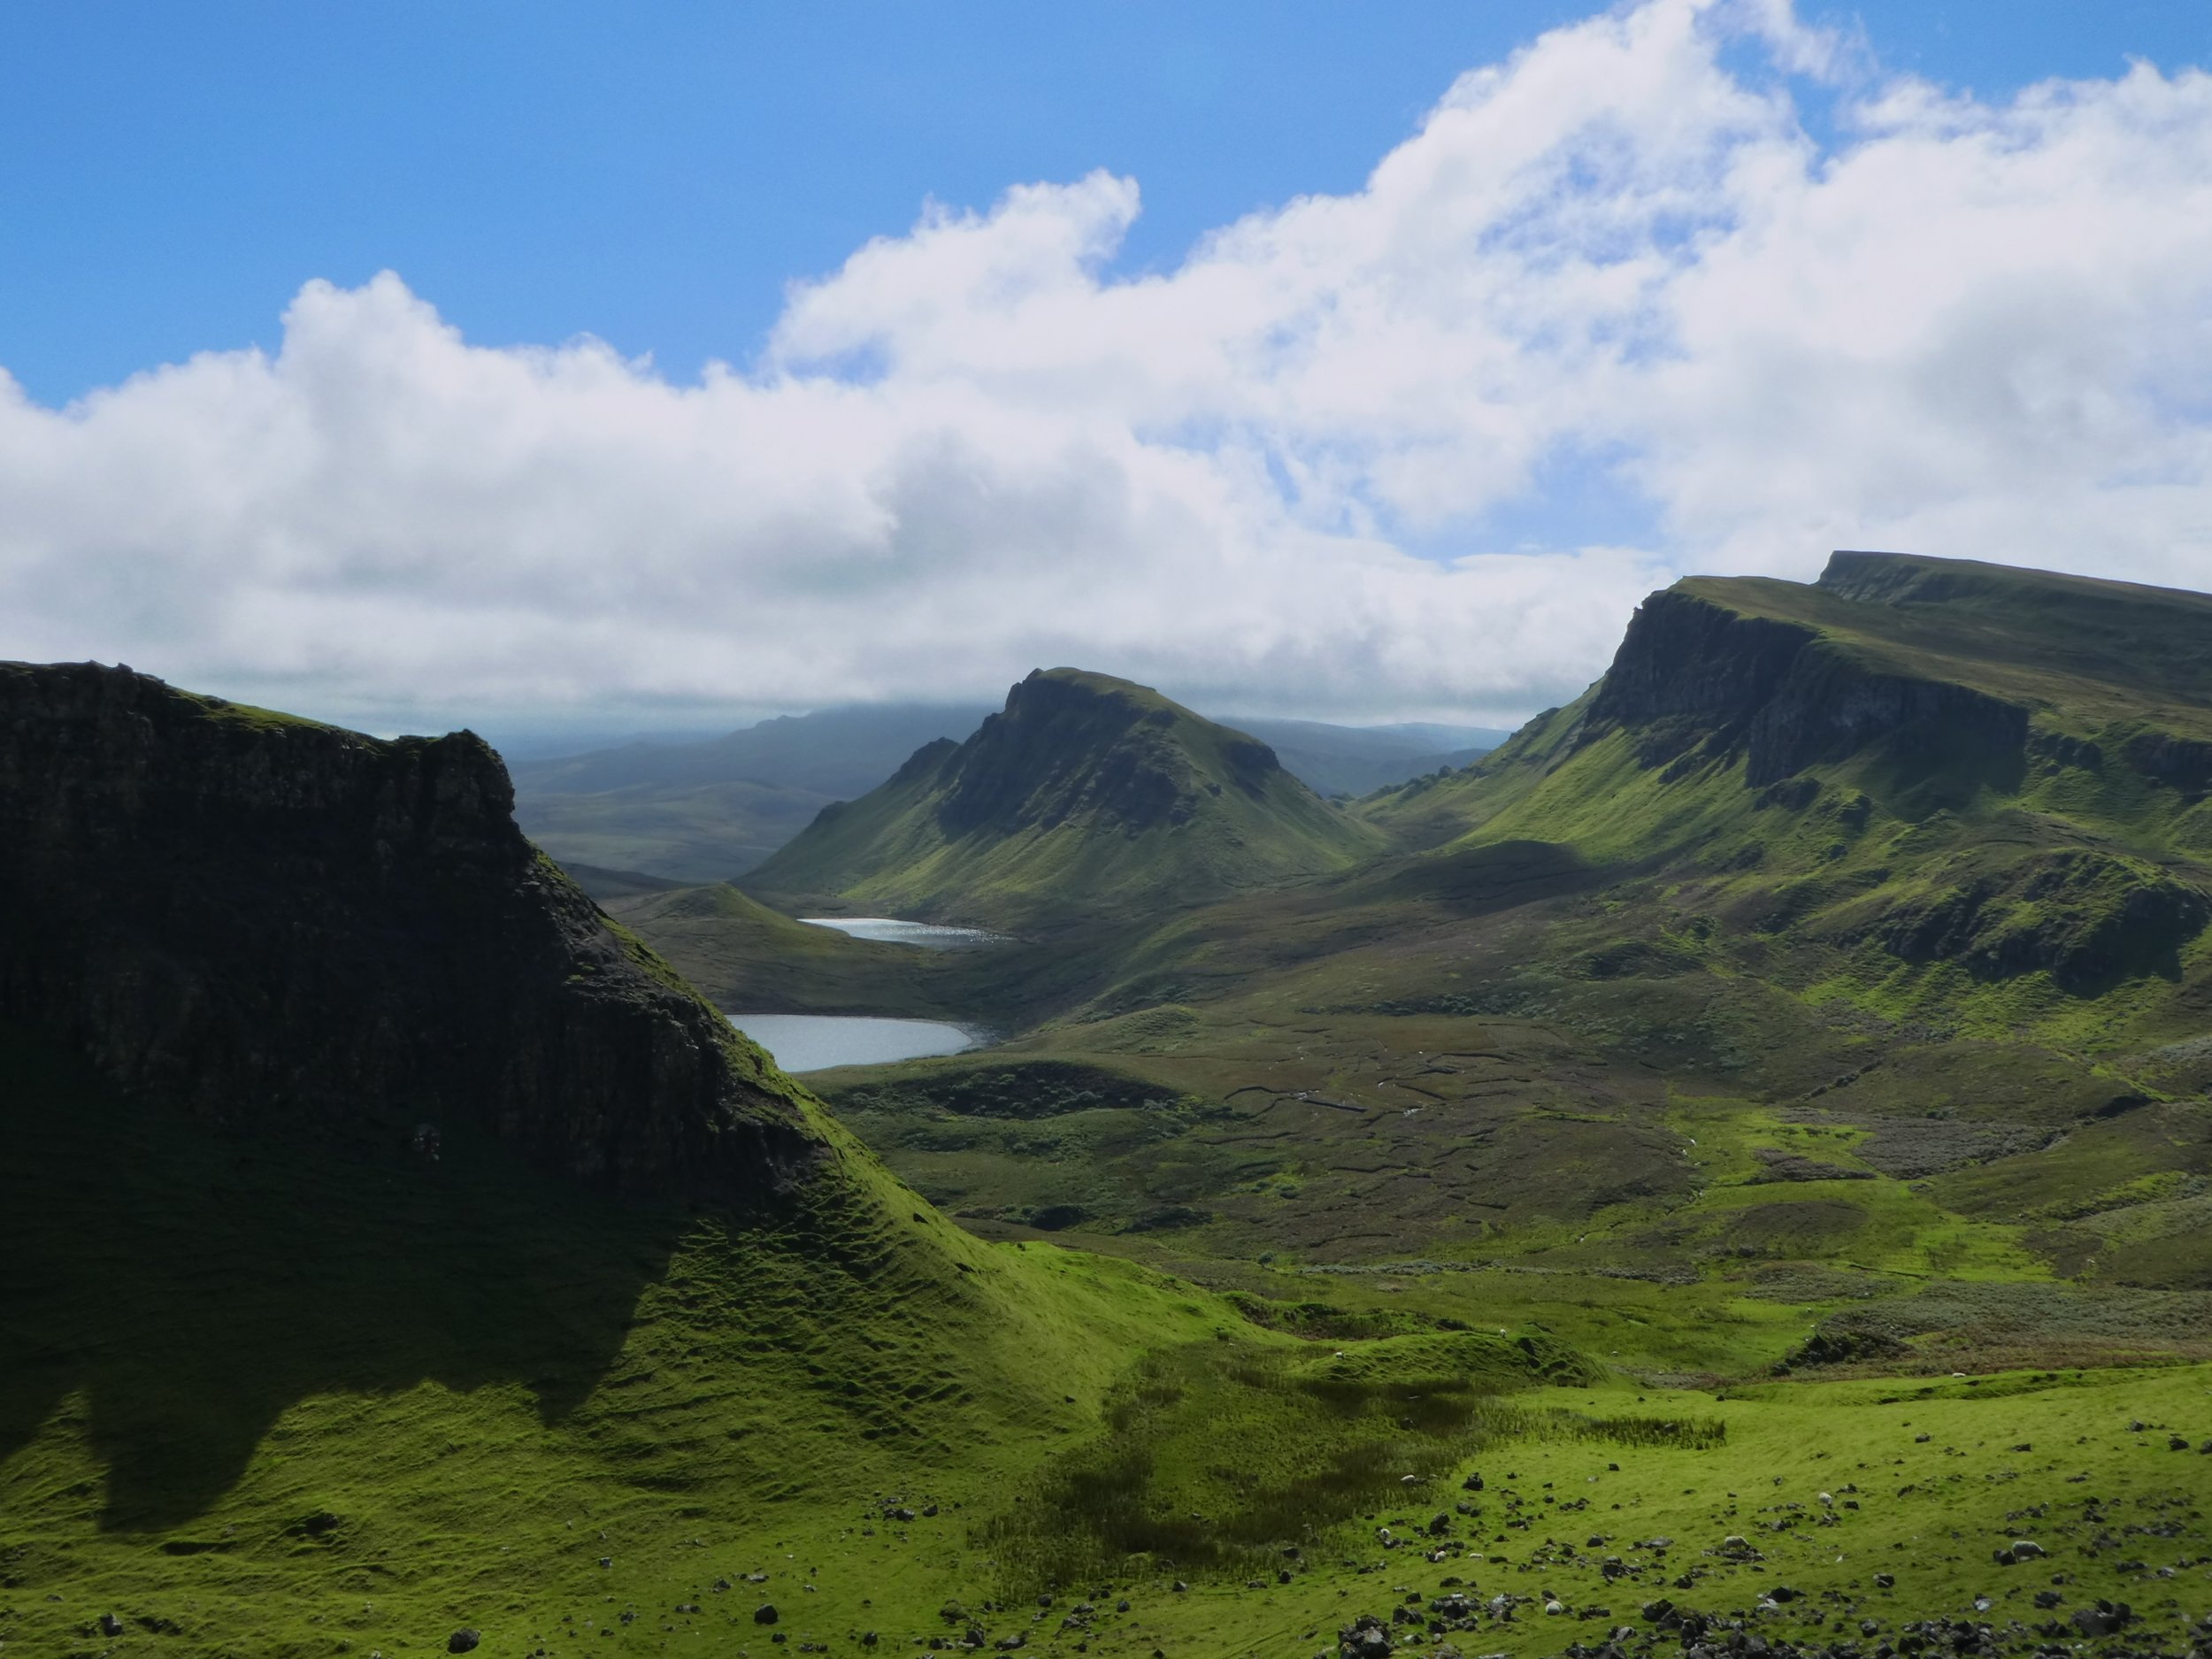 quiraing-scotland-isleofskye.jpg